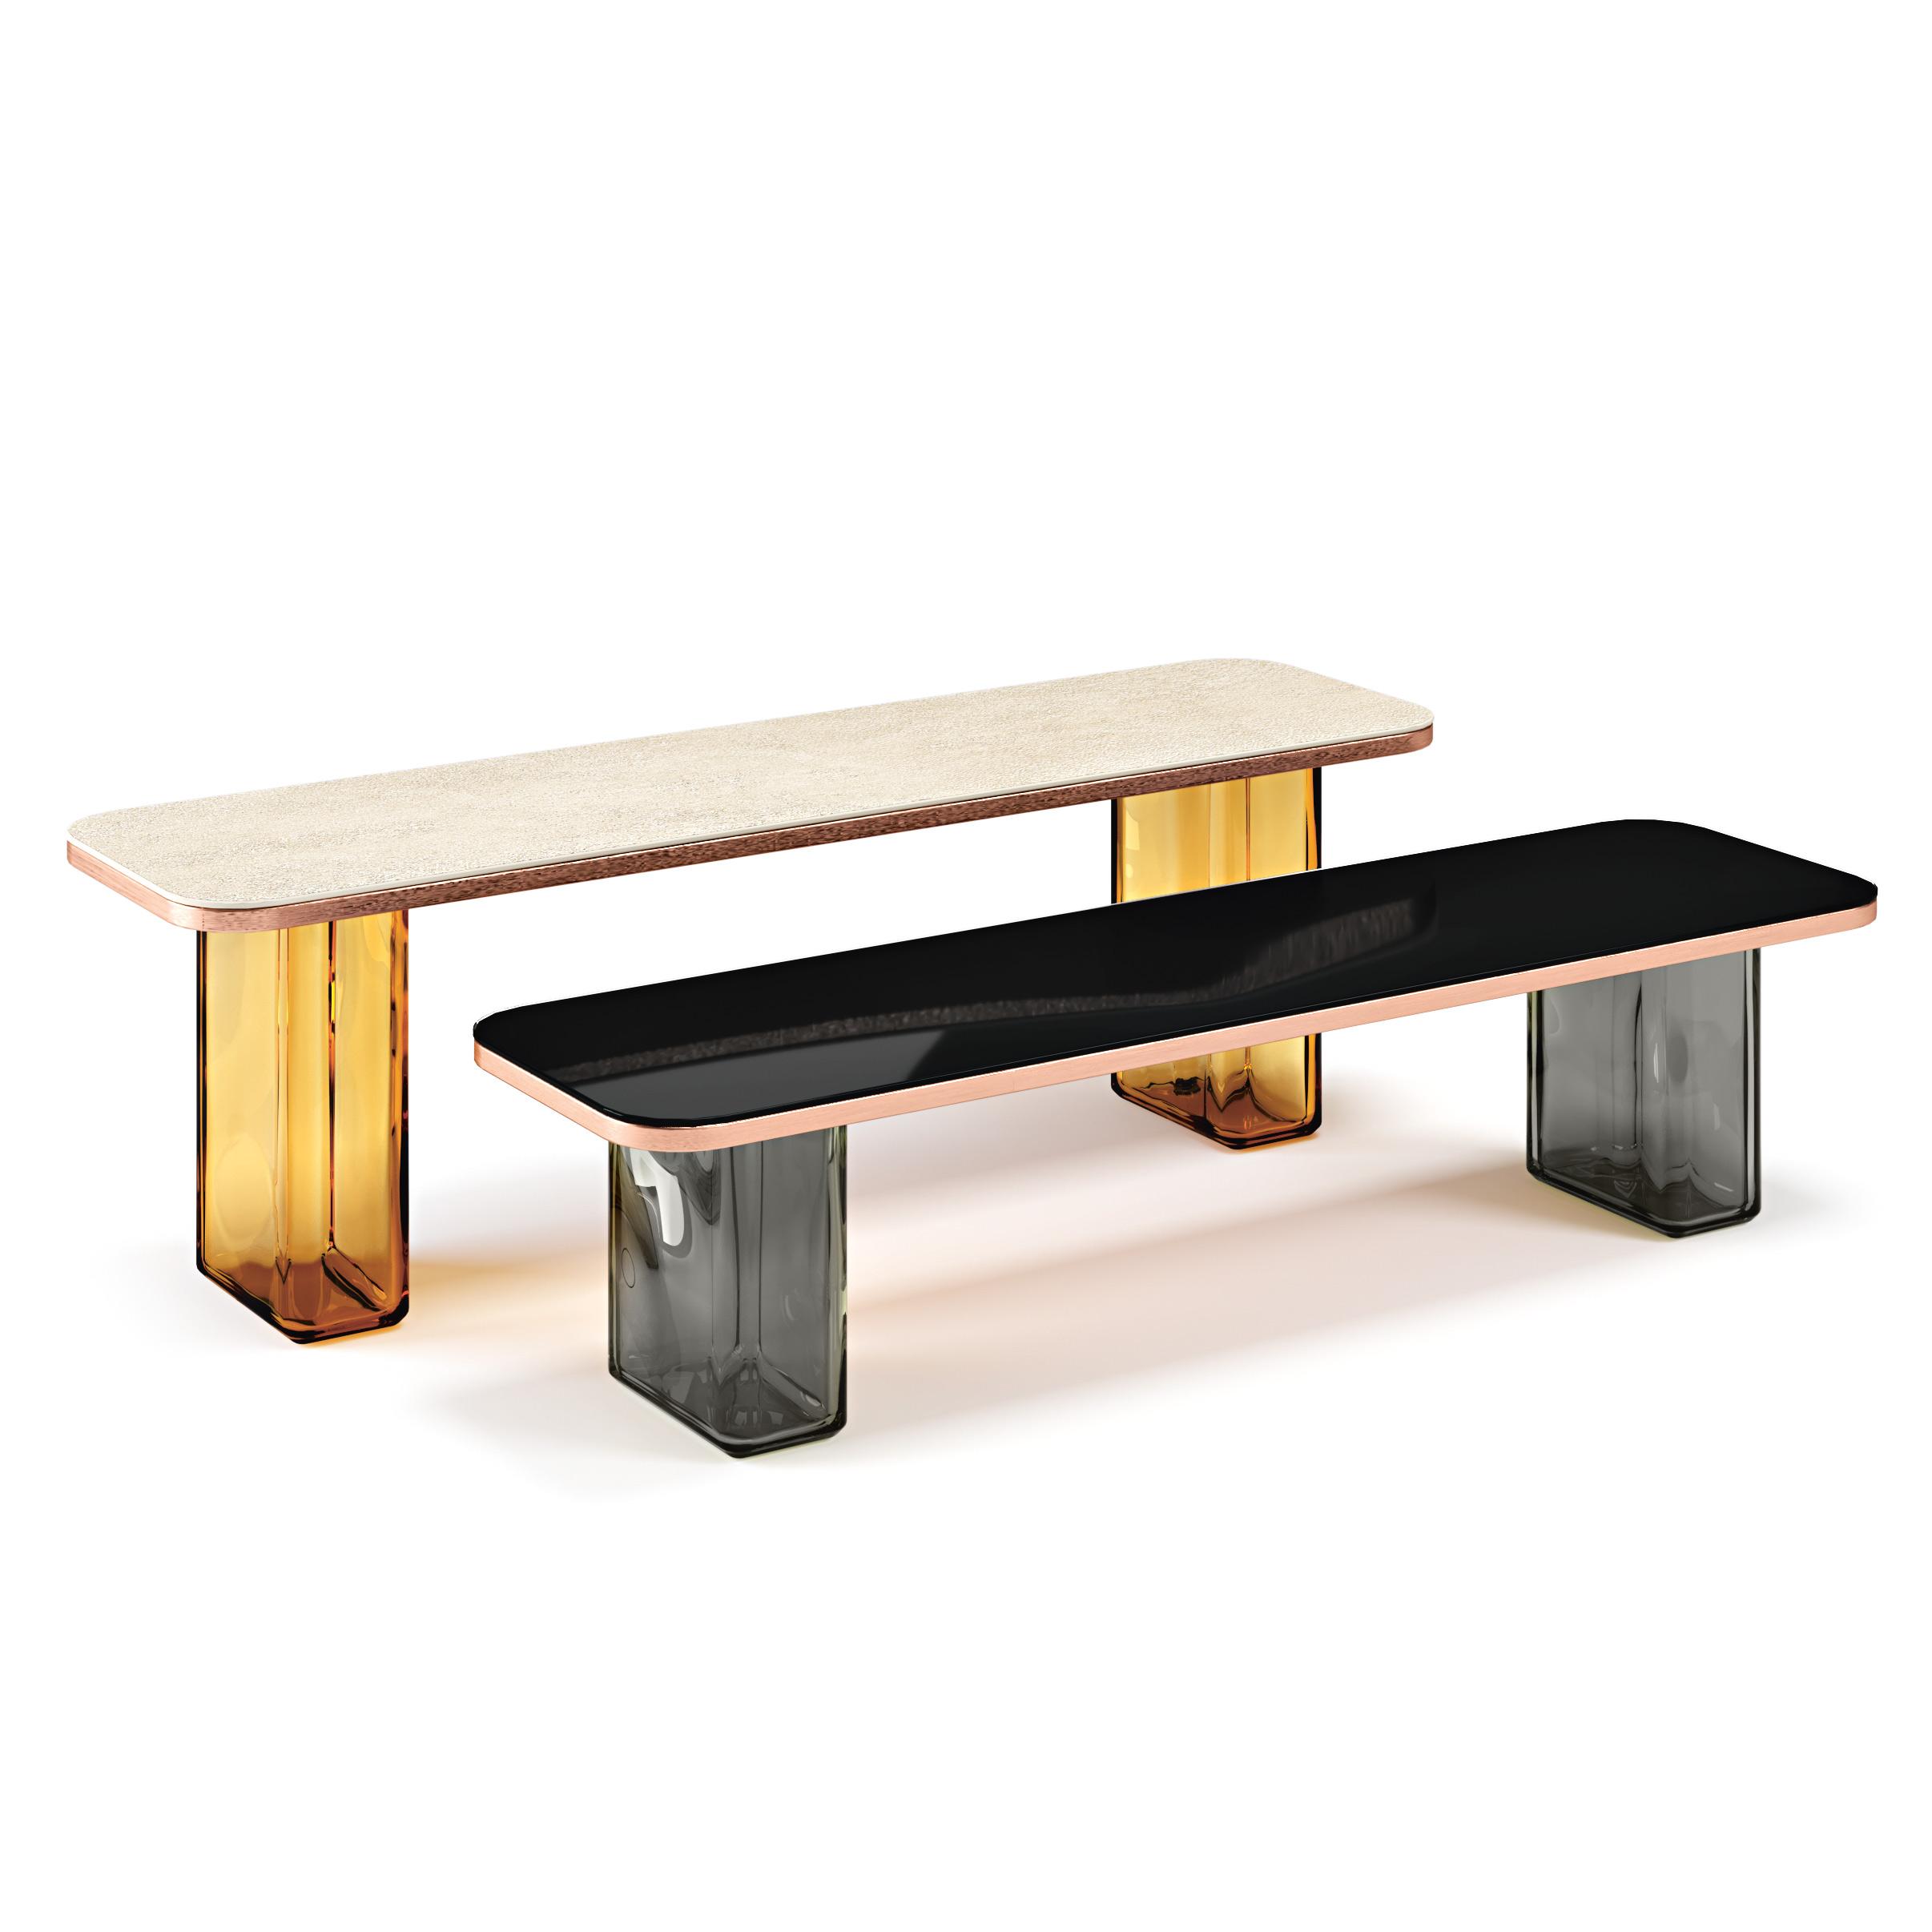 Lands Coffee Table Italian Designer & Luxury Furniture at Cassoni